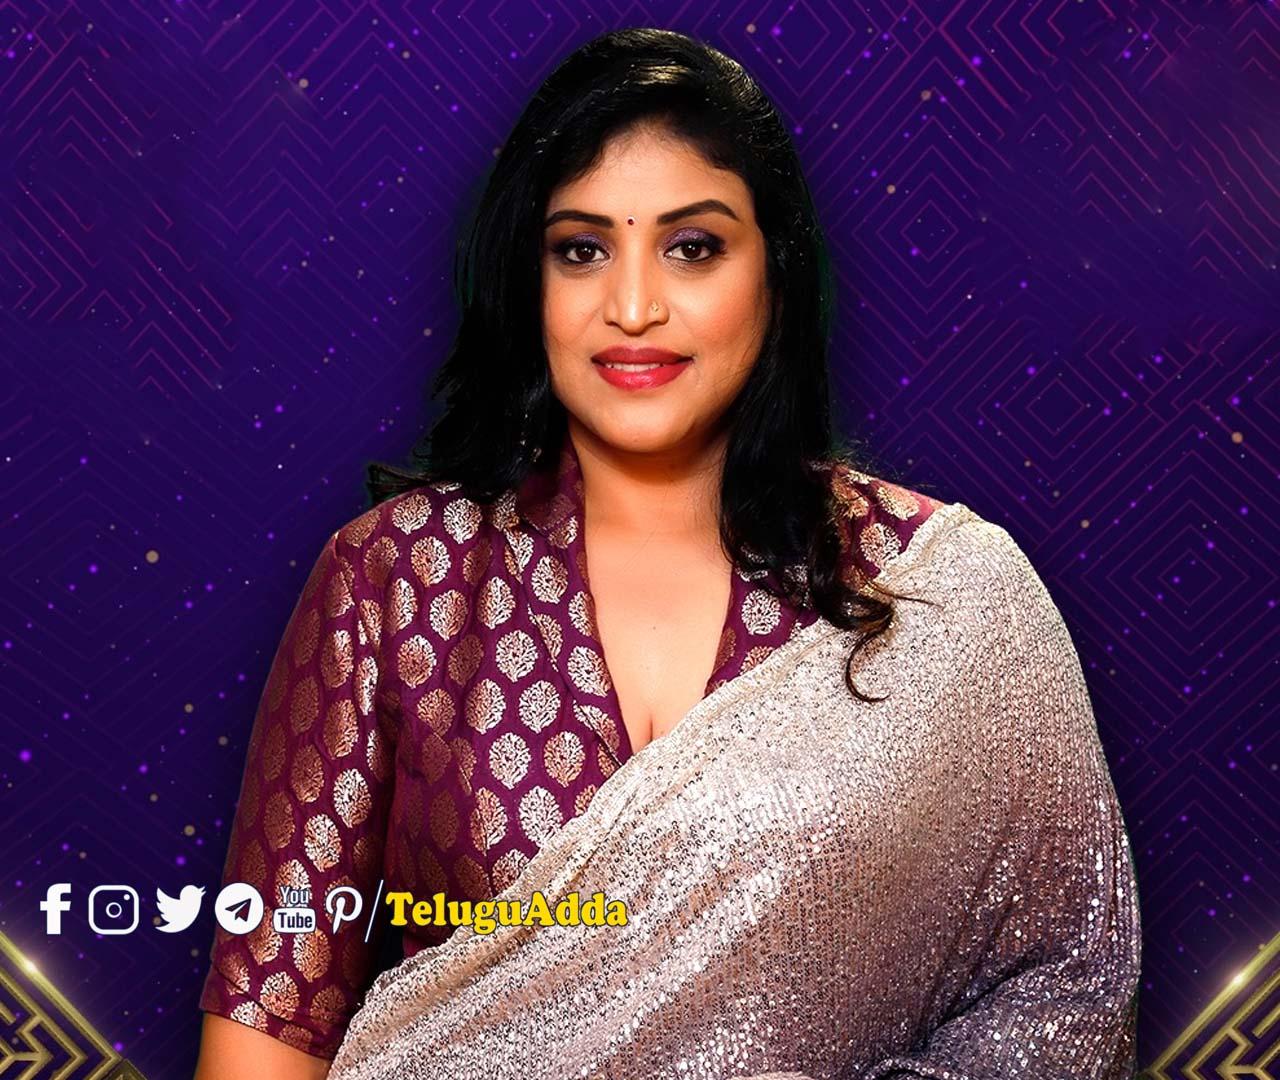 Bigg Boss 5 Telugu 15th contestant uma devi